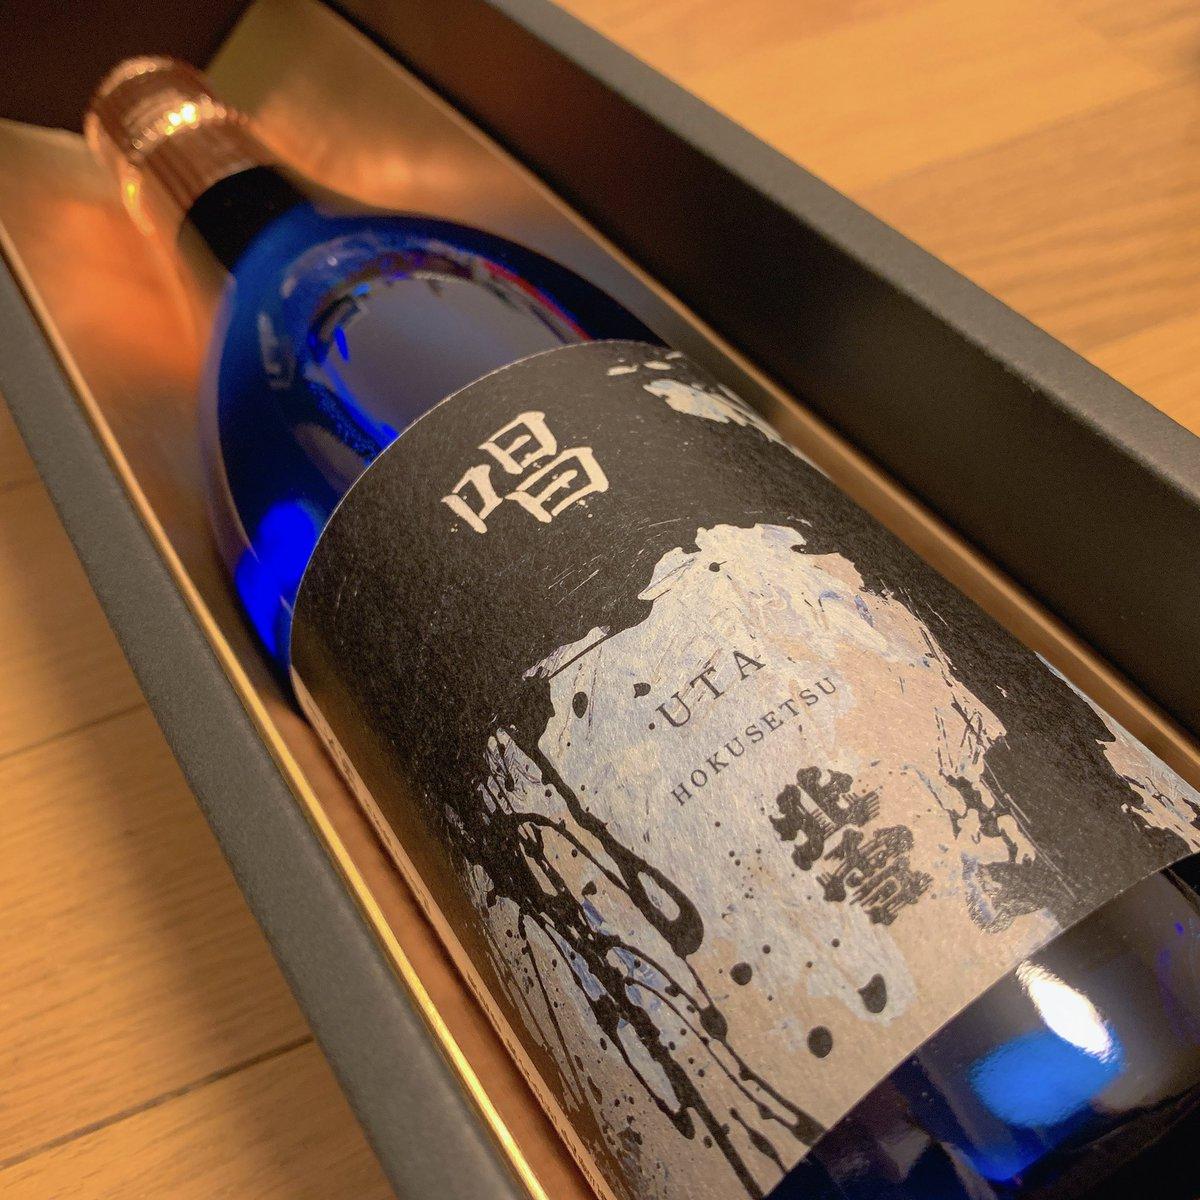 test ツイッターメディア - そしてストレイテナーホリエアツシさんと北雪酒造スペシャルコラボの日本酒『唱』が届いた!美しい・・・🥺🥺 販売店さんにとても親切にしていただきました。ありがとうございます🙇🏾♂️ https://t.co/izFqH1vZyx